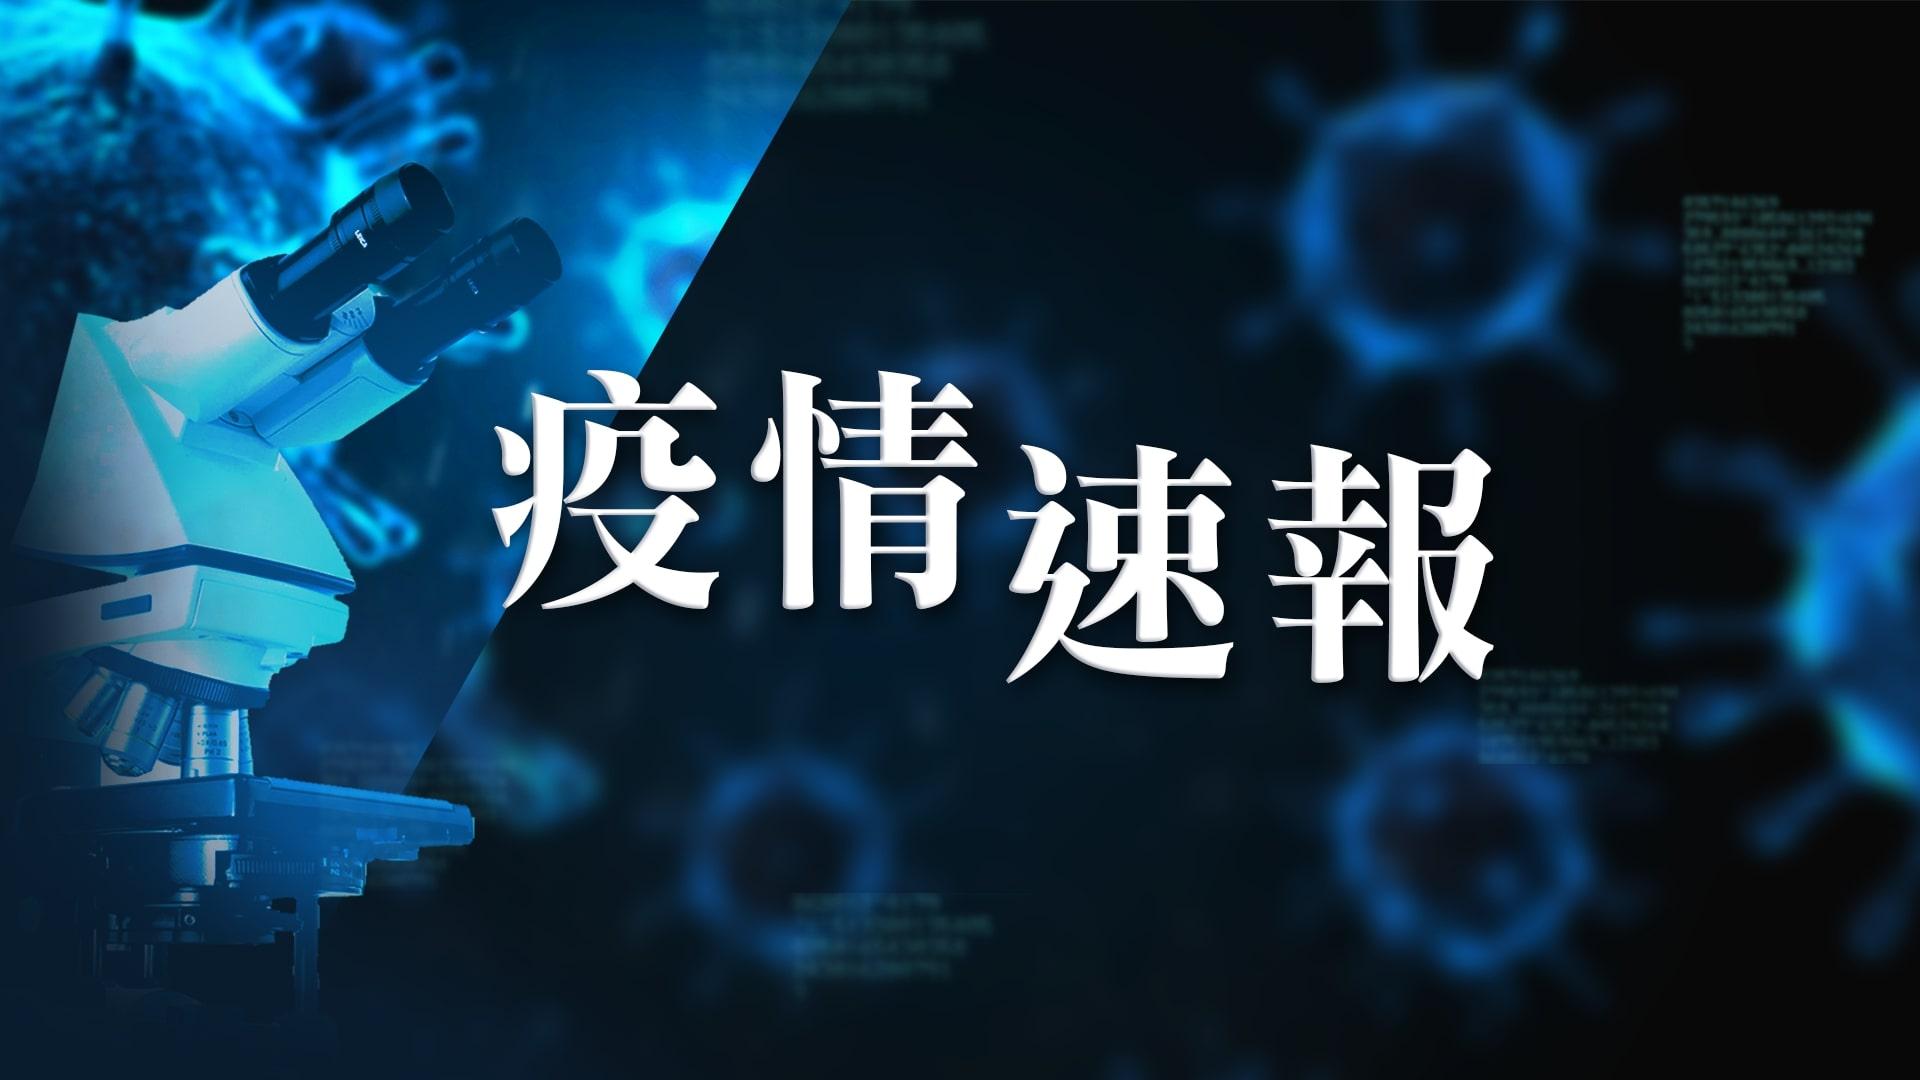 【4月1日疫情速報】(12:10)